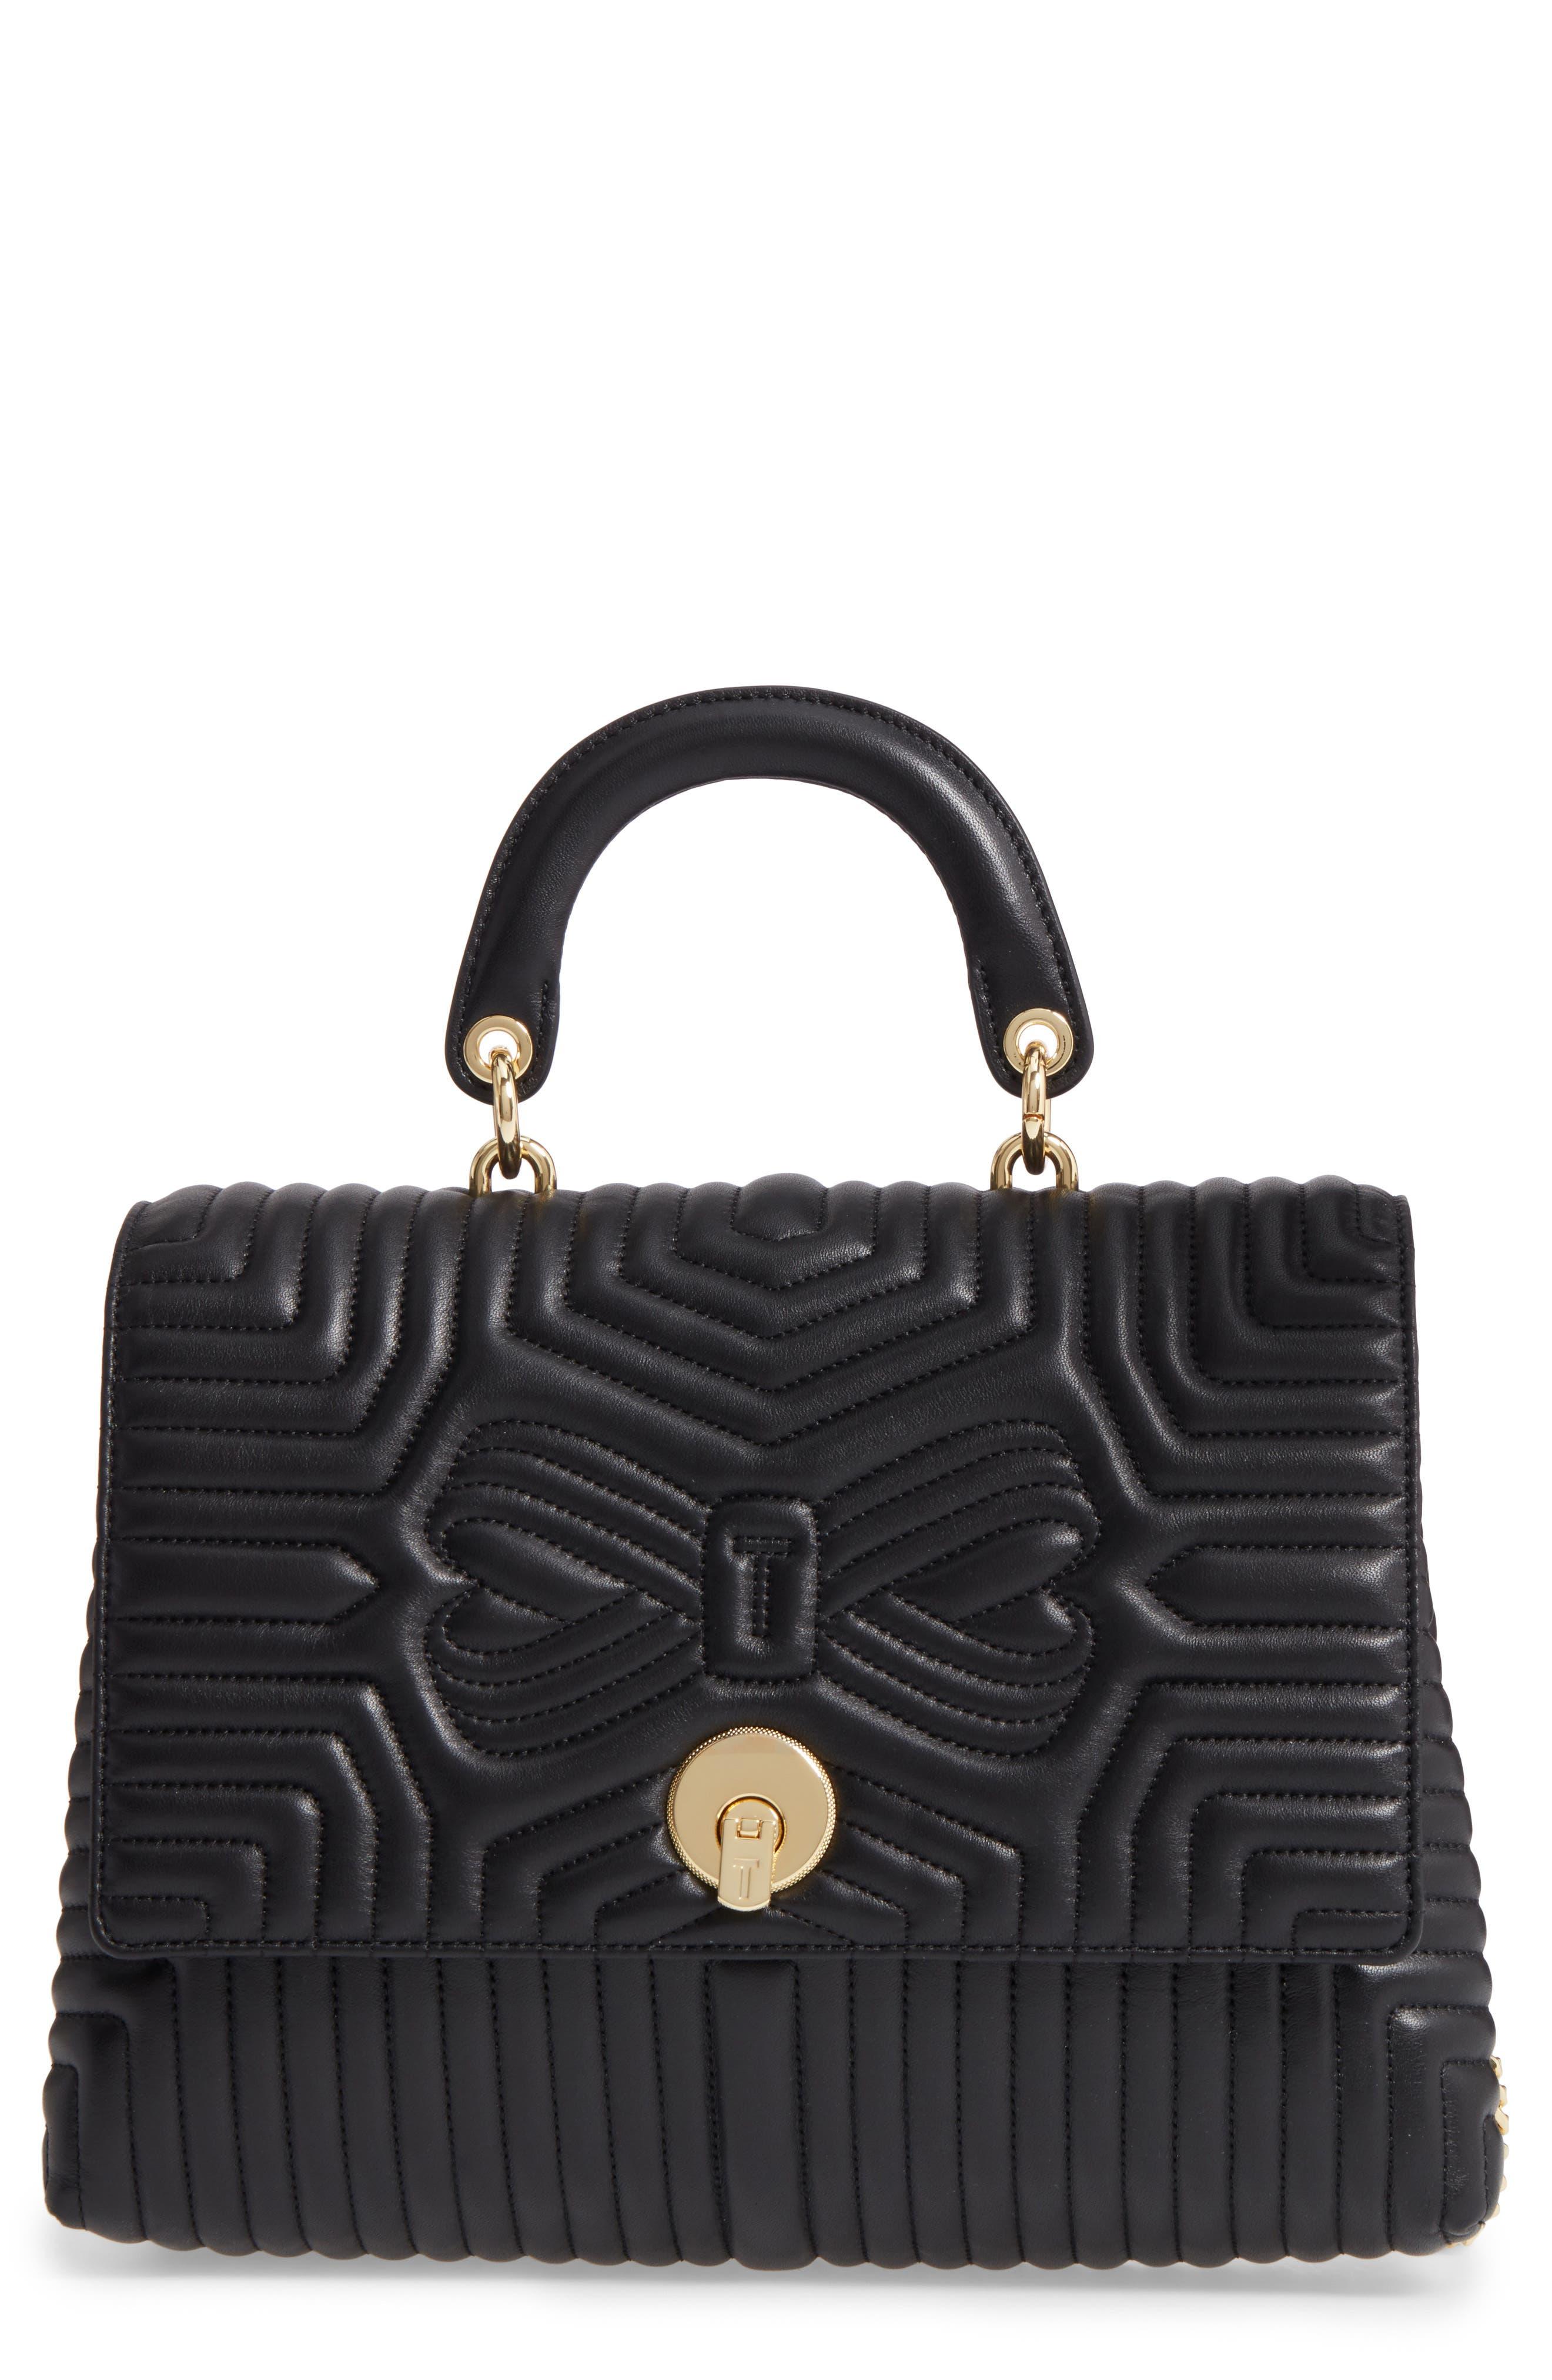 Vivida Quilted Leather Shoulder Bag,                         Main,                         color, 001